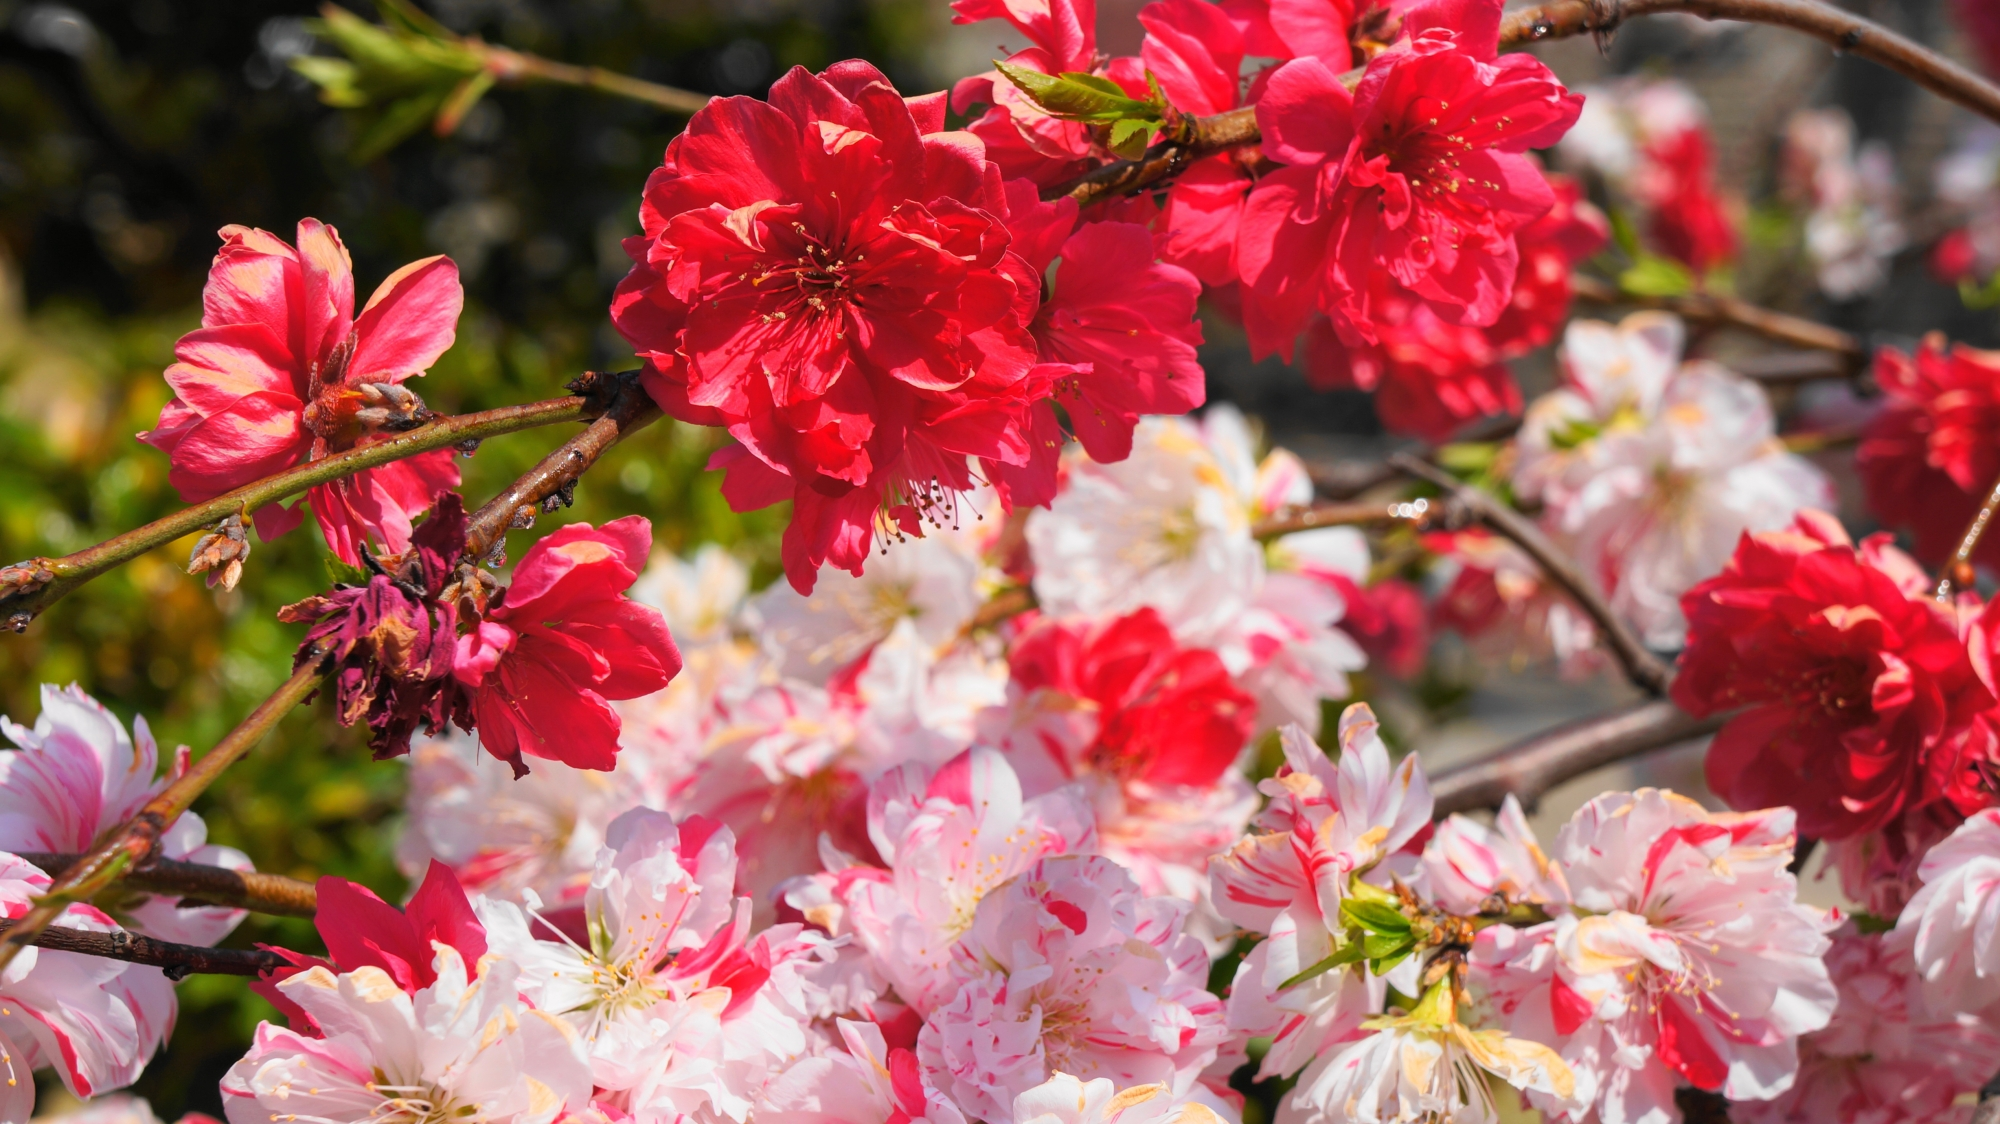 首途八幡宮の源平枝垂れ桃と紅枝垂れ桃